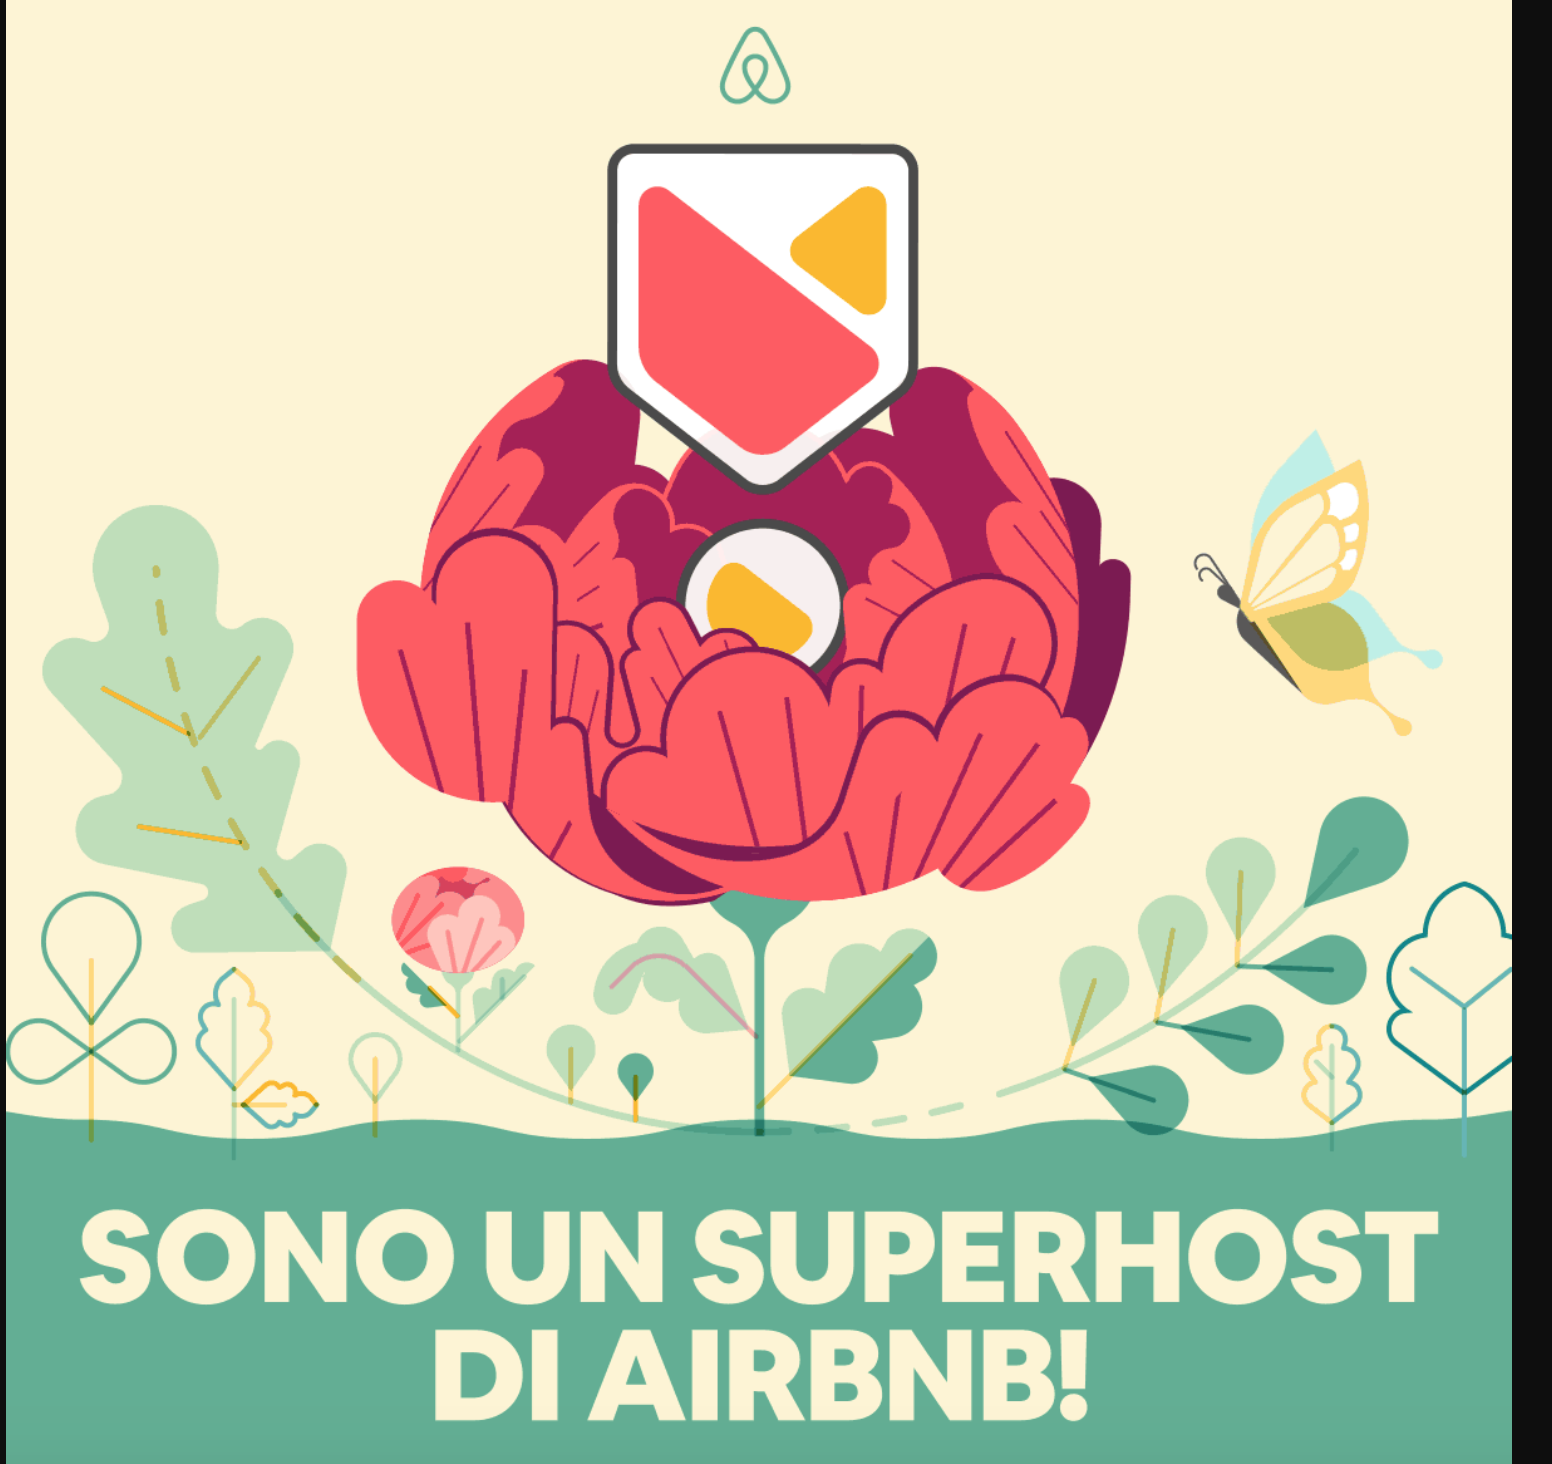 Riconoscimento di superhost da parte di Airbnb